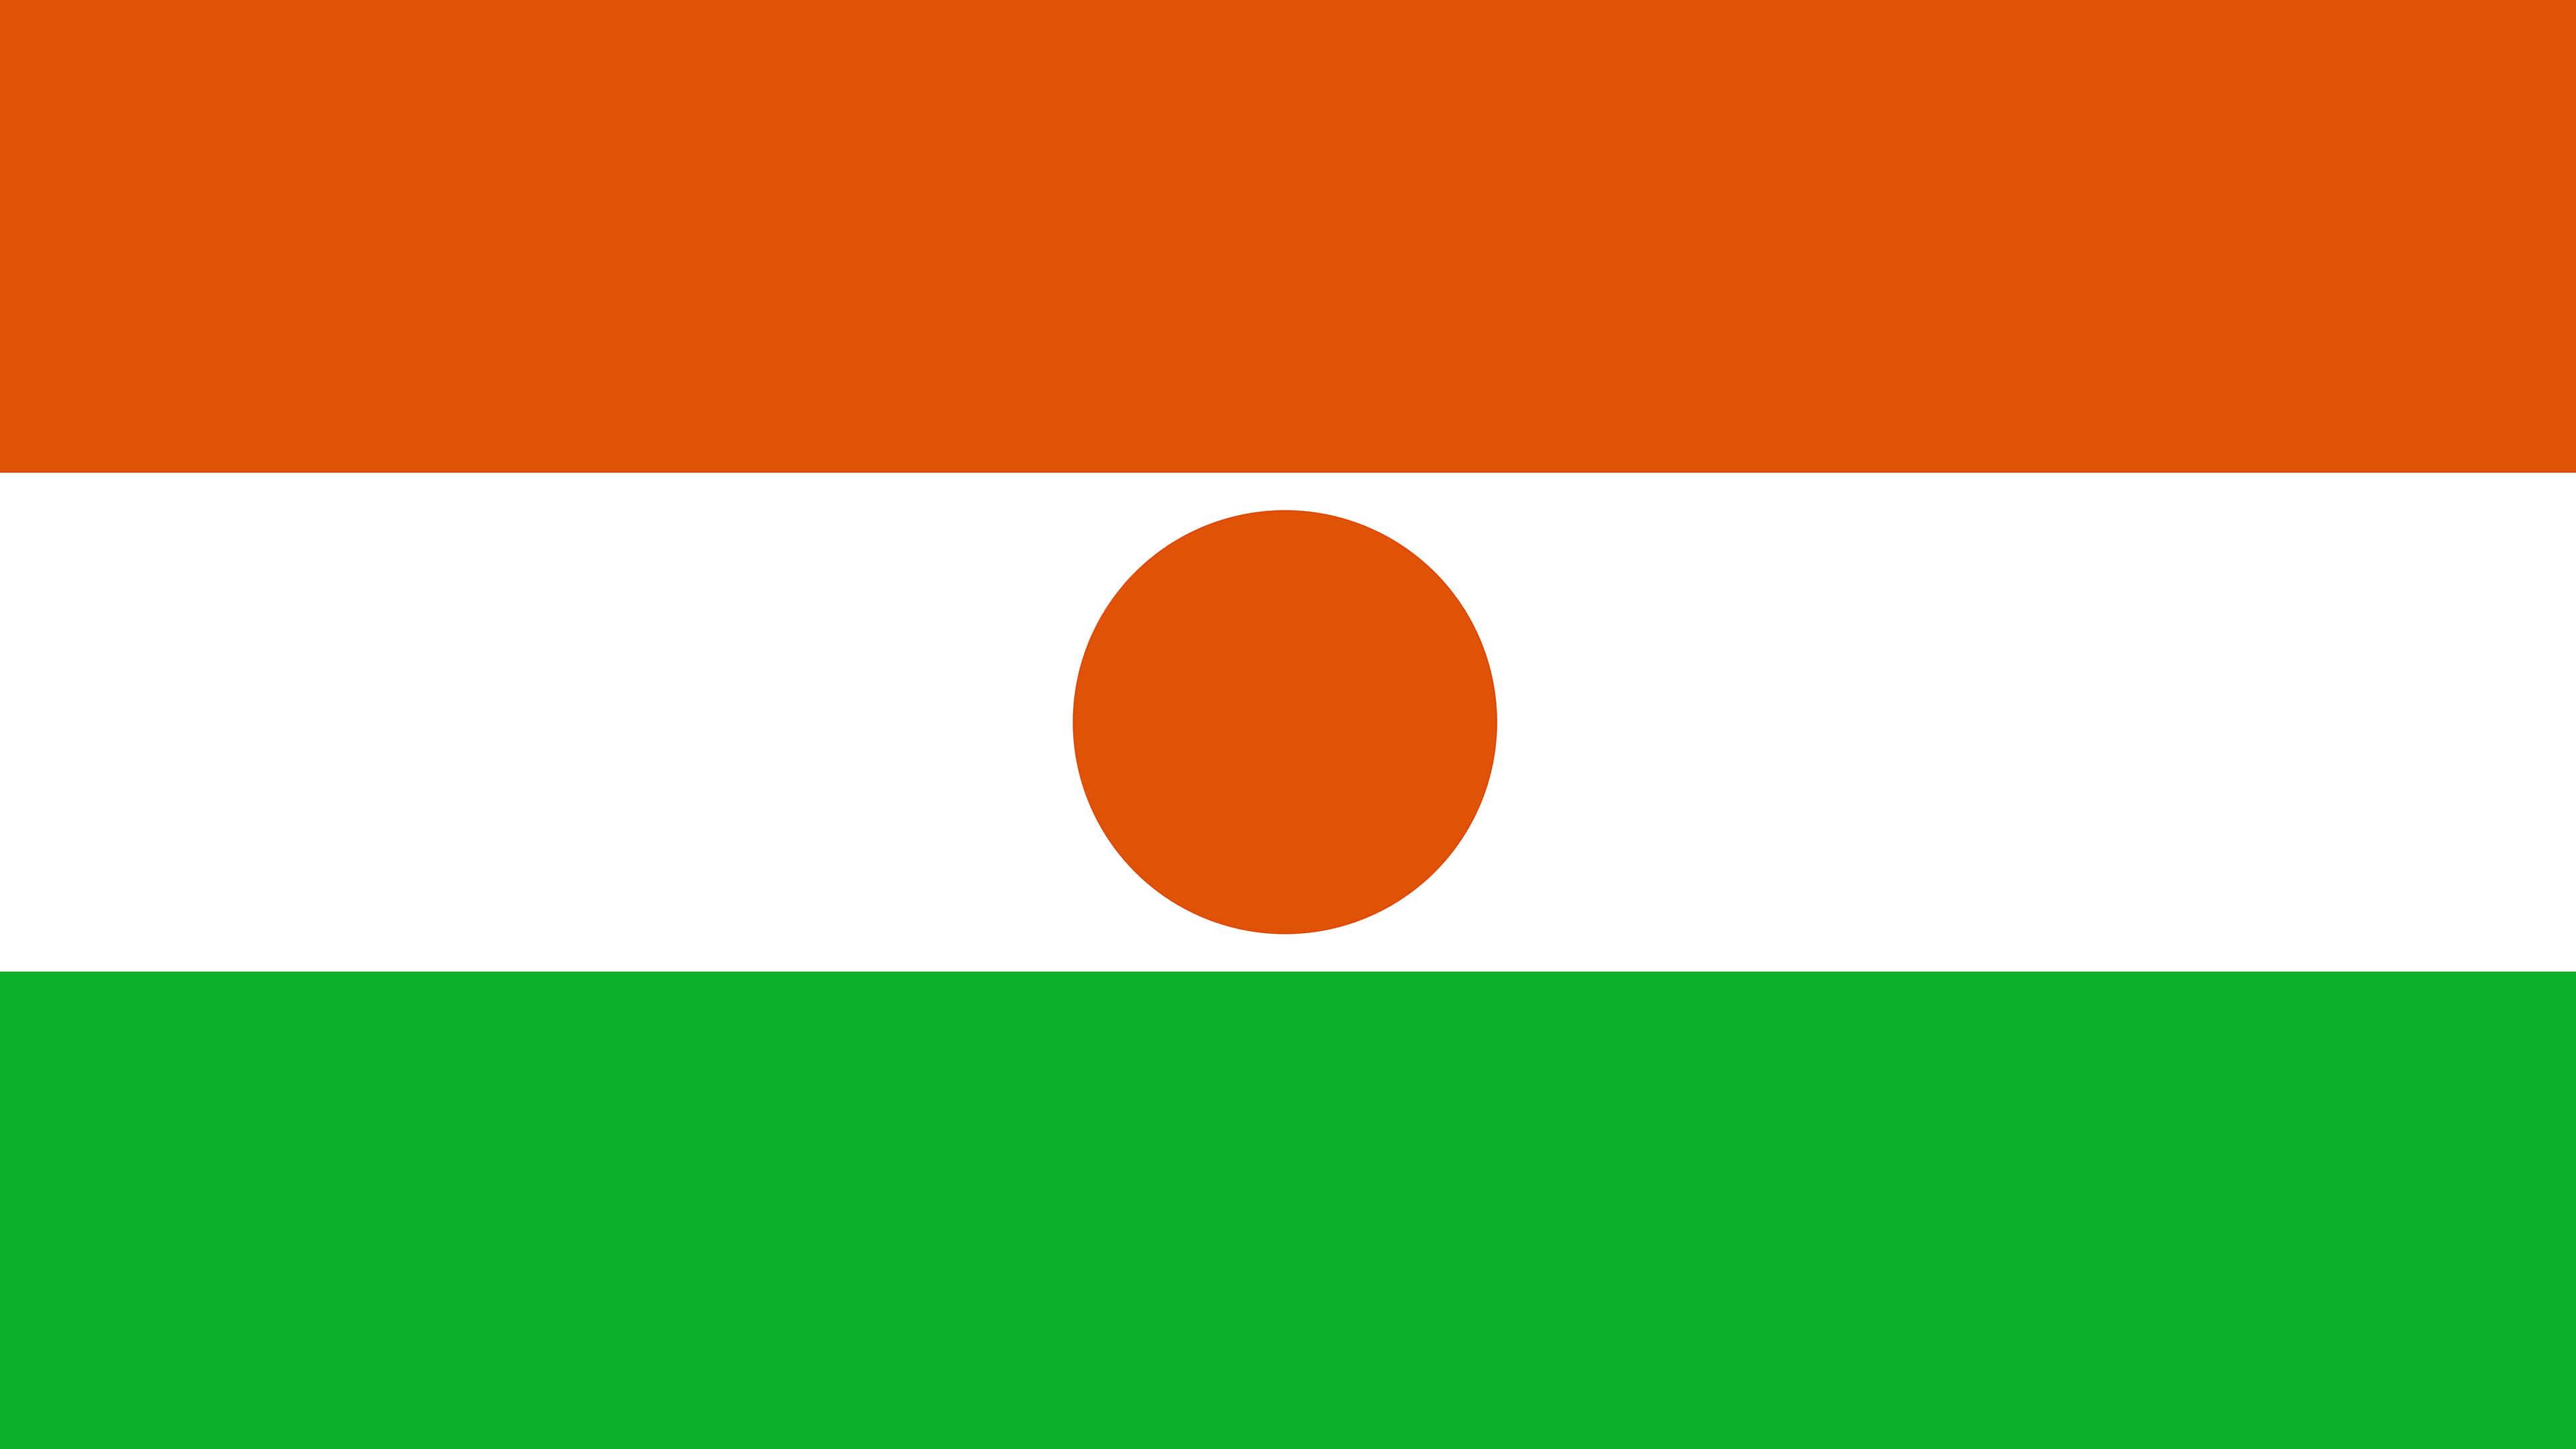 niger flag uhd 4k wallpaper